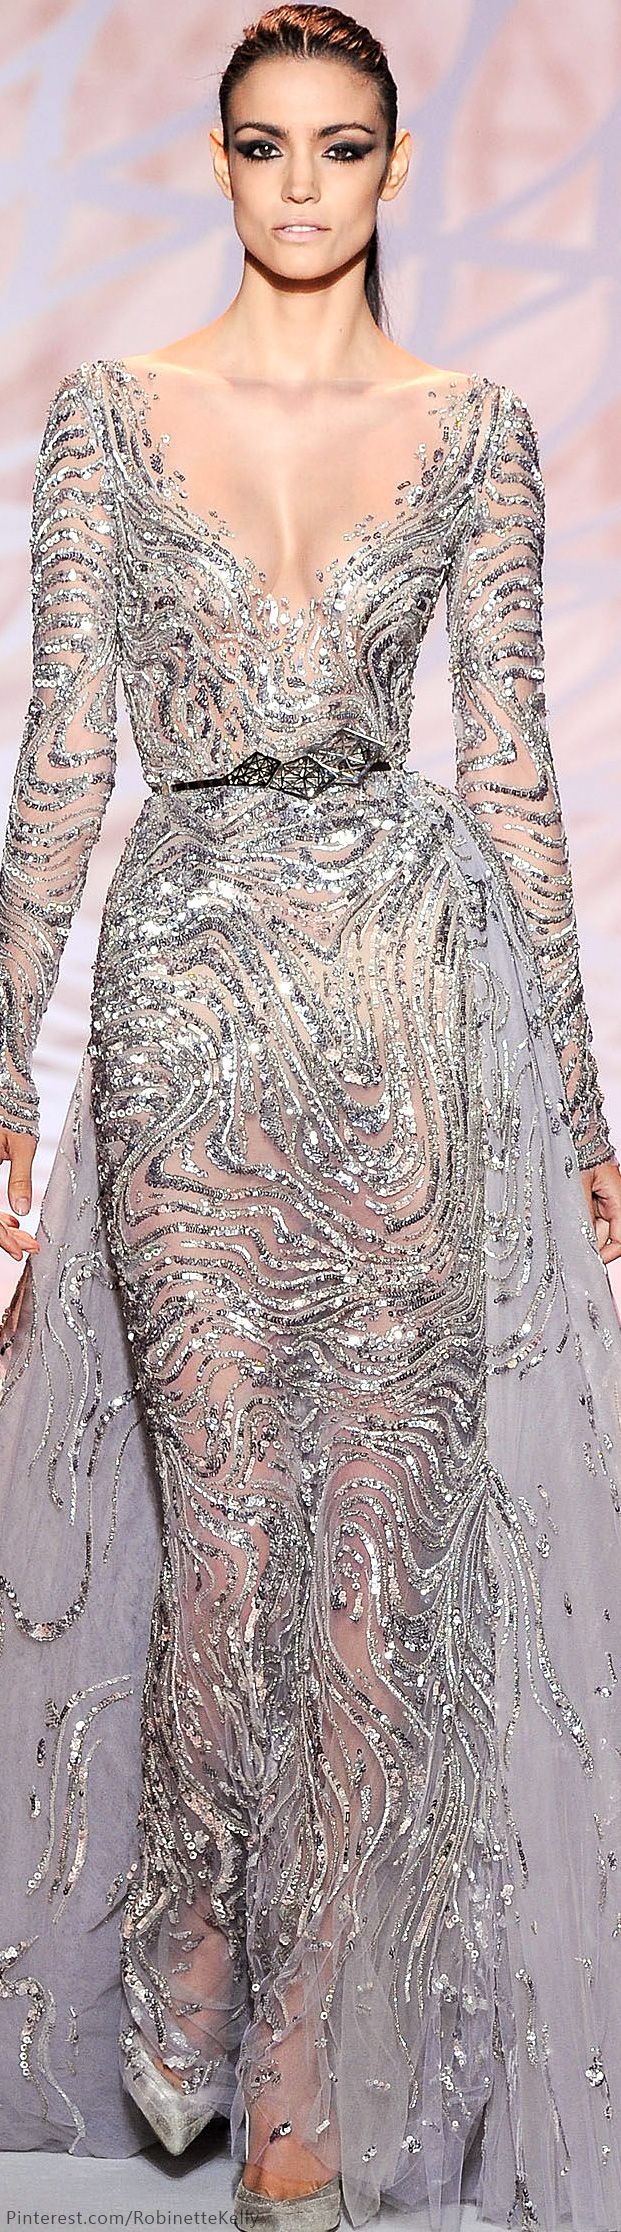 Zuhair Murad ~ Haute Couture FW 2015